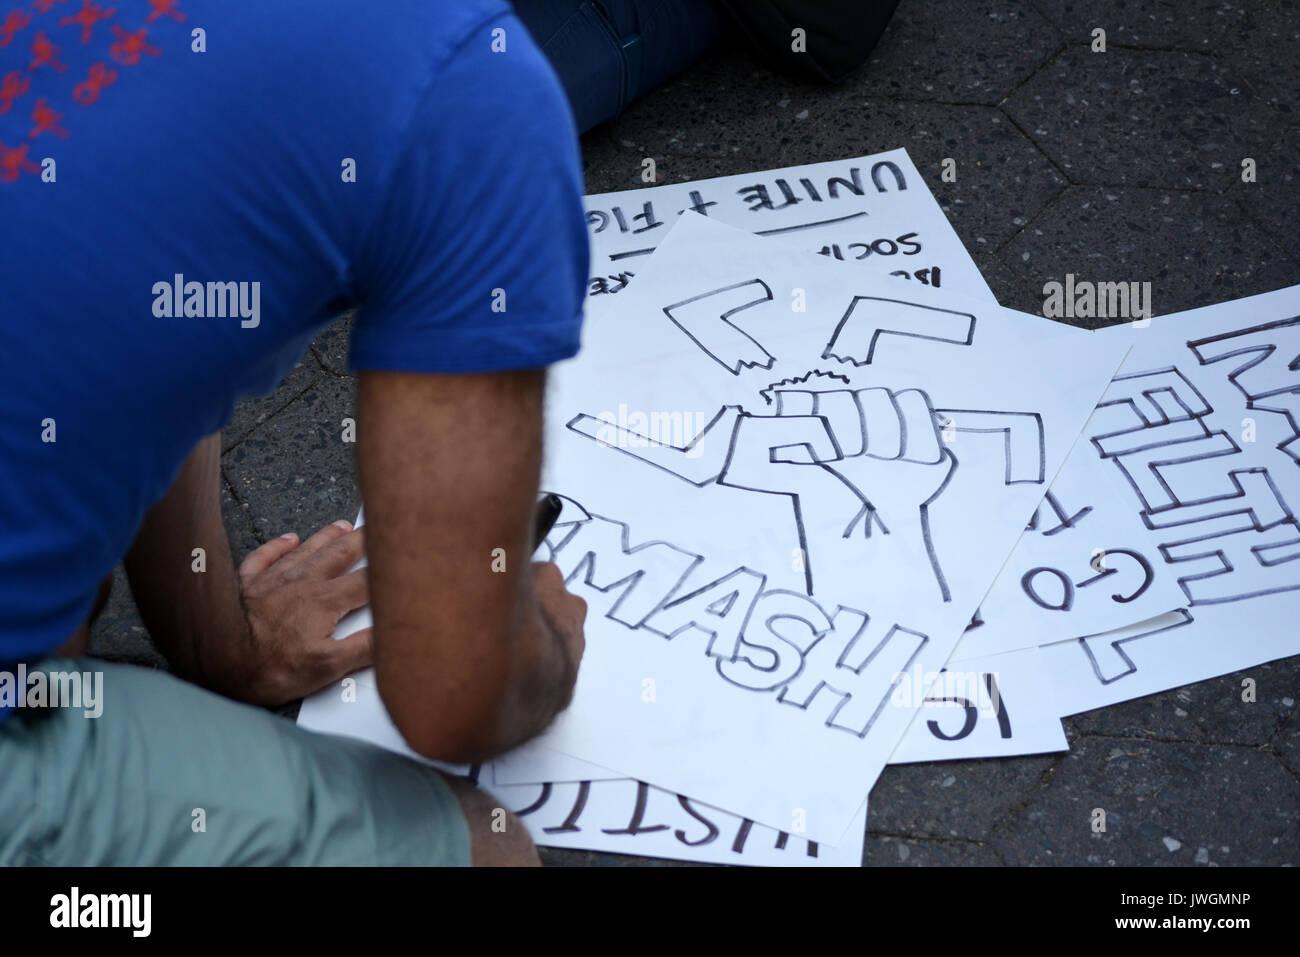 Demonstrant bilden der Zeichen bei einer Kundgebung in Union Square in Manhattan neonazistischer Gewalt in Charlottesville, Virginia und Präsident Trumpf zu kündigen. Stockbild